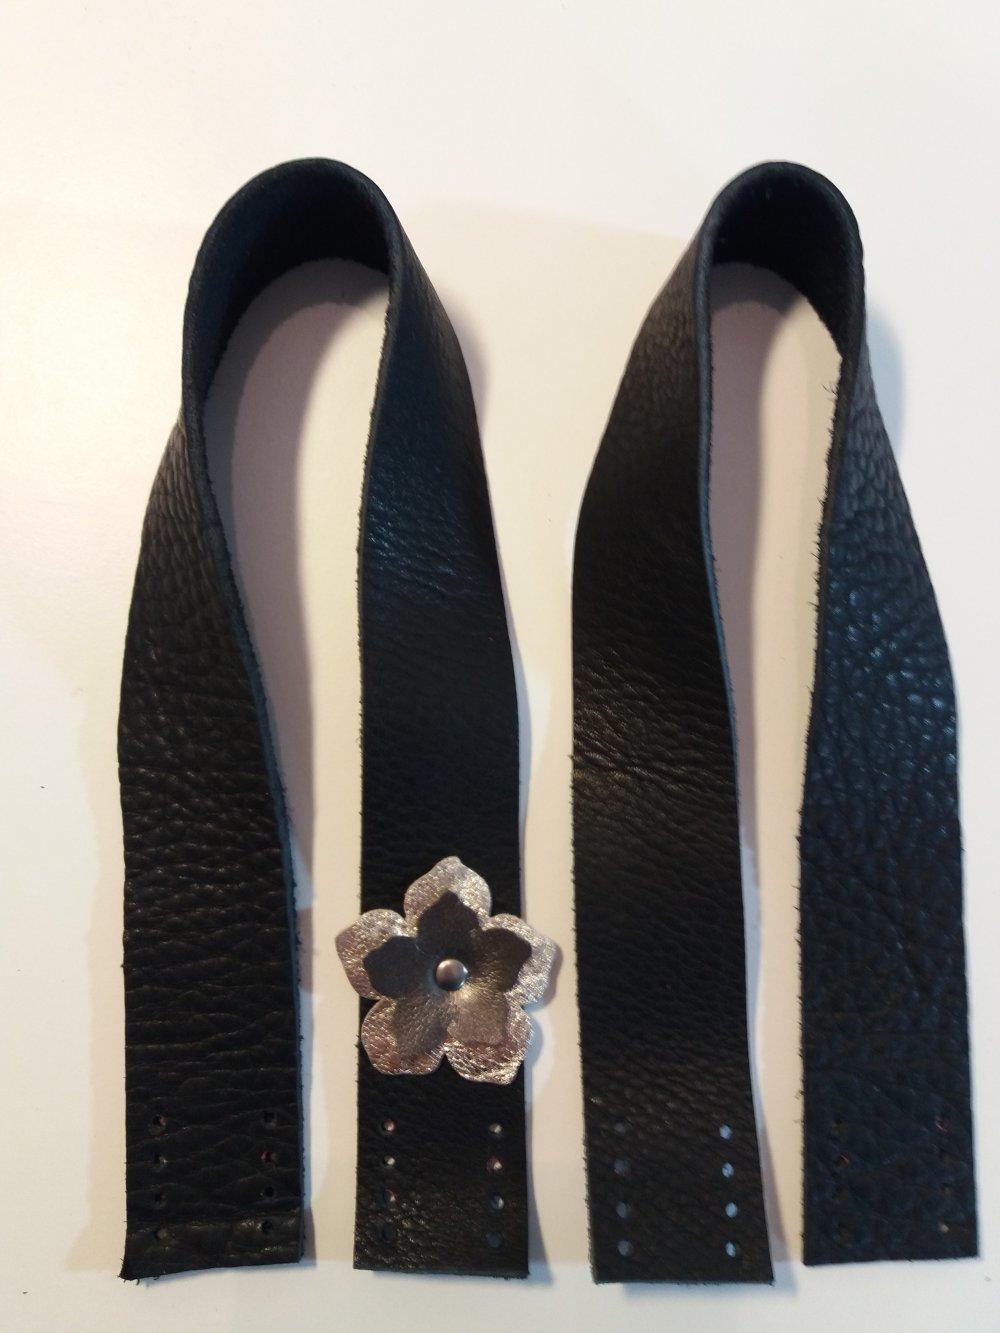 Anses de sac à coudre en cuir noir et fleur dorée et grise - Fait main